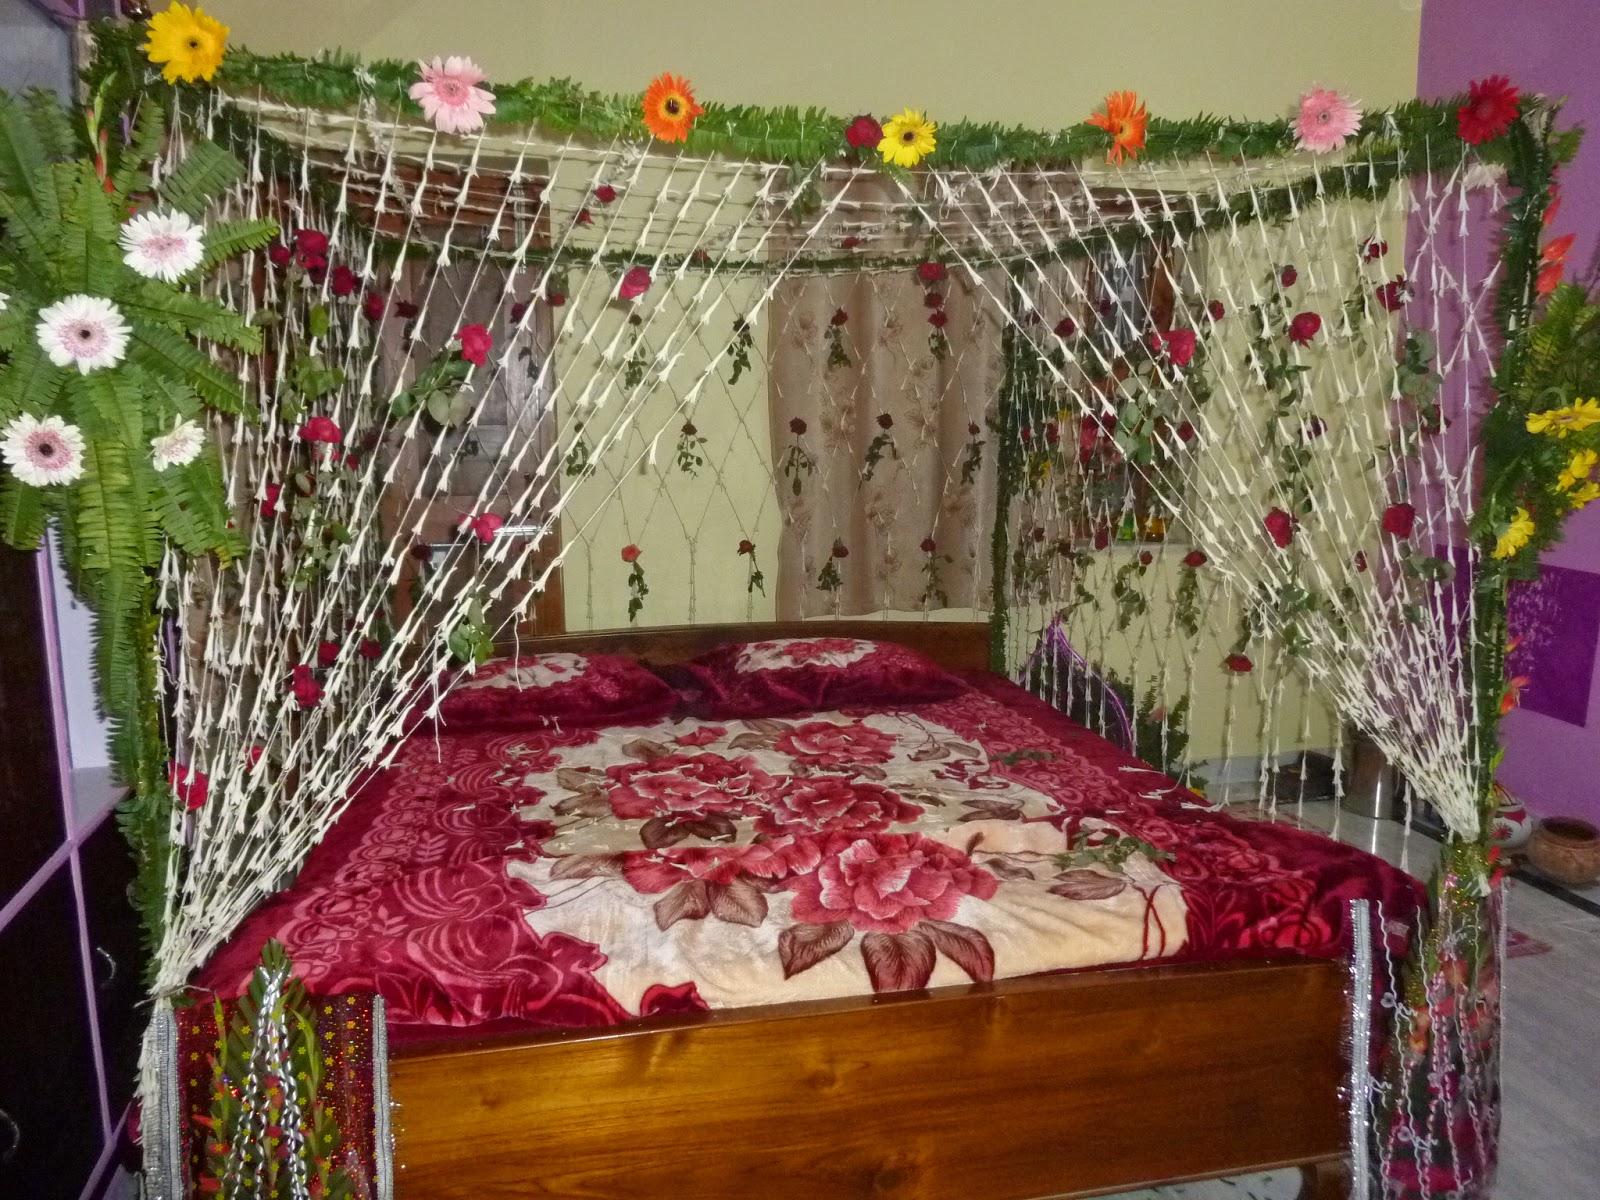 Wedding Room Decoration Pictures In Pakistan Bedroom